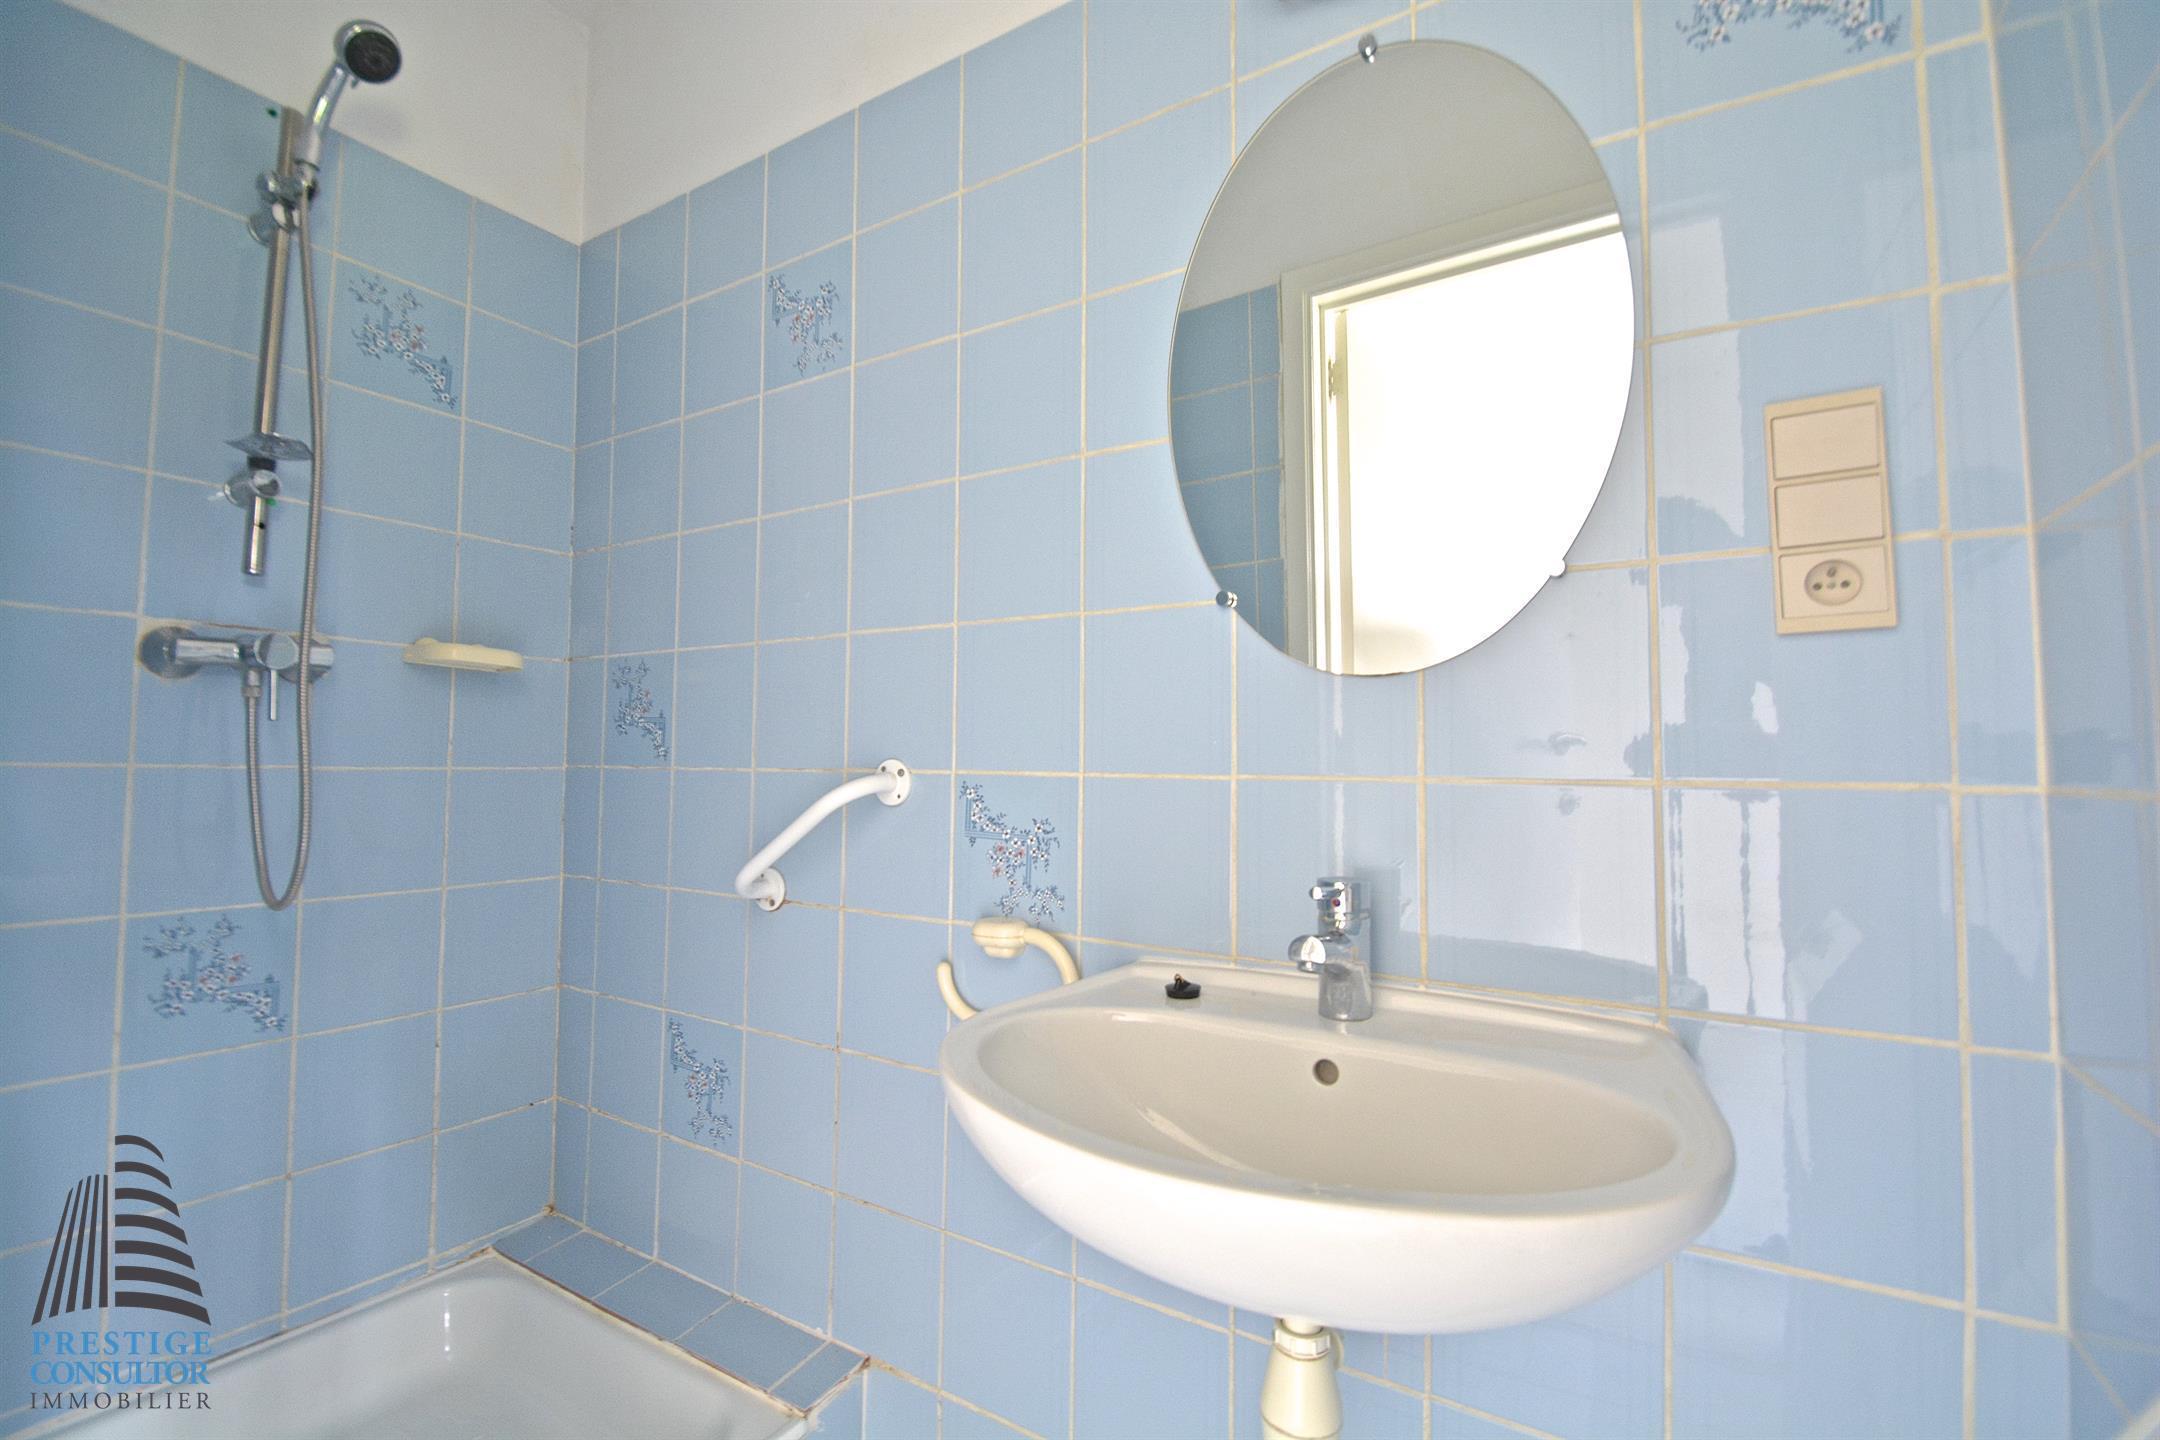 Appartement - Sint-Pieters-Leeuw - #4079020-17